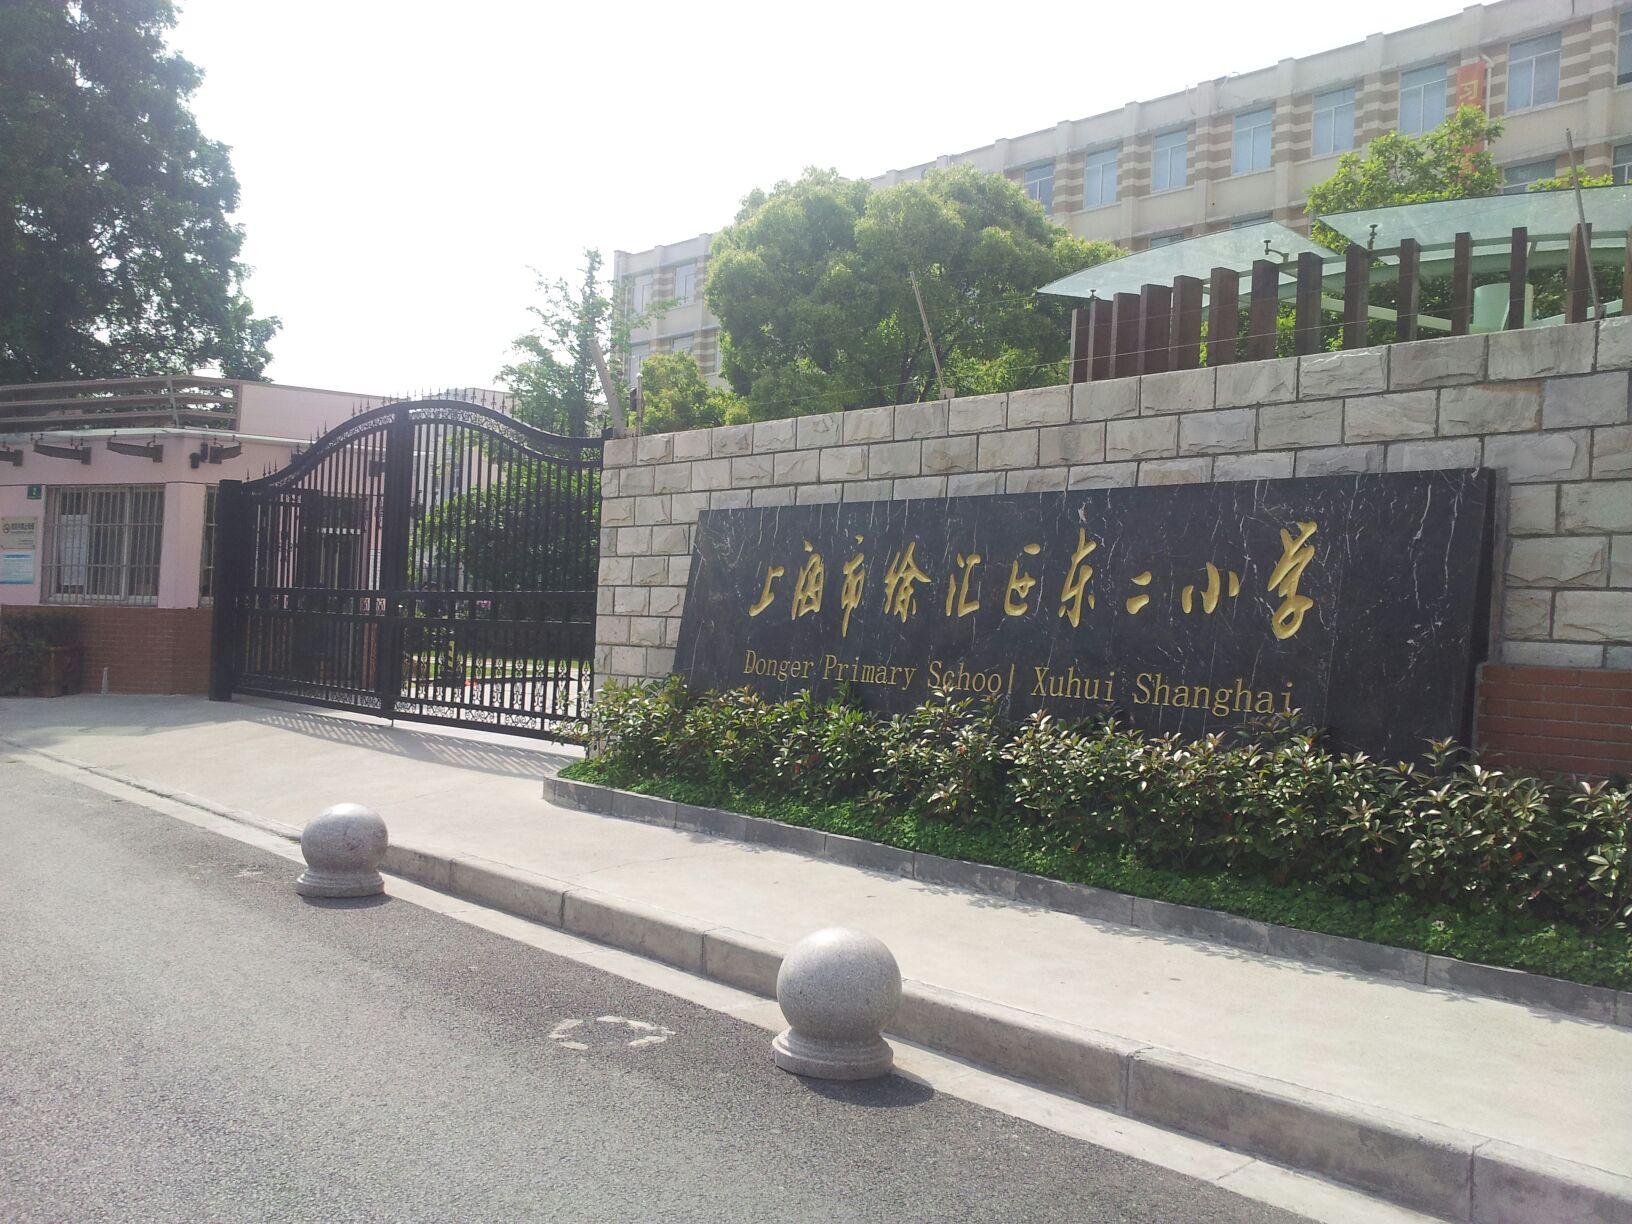 上海市徐汇区东二小学